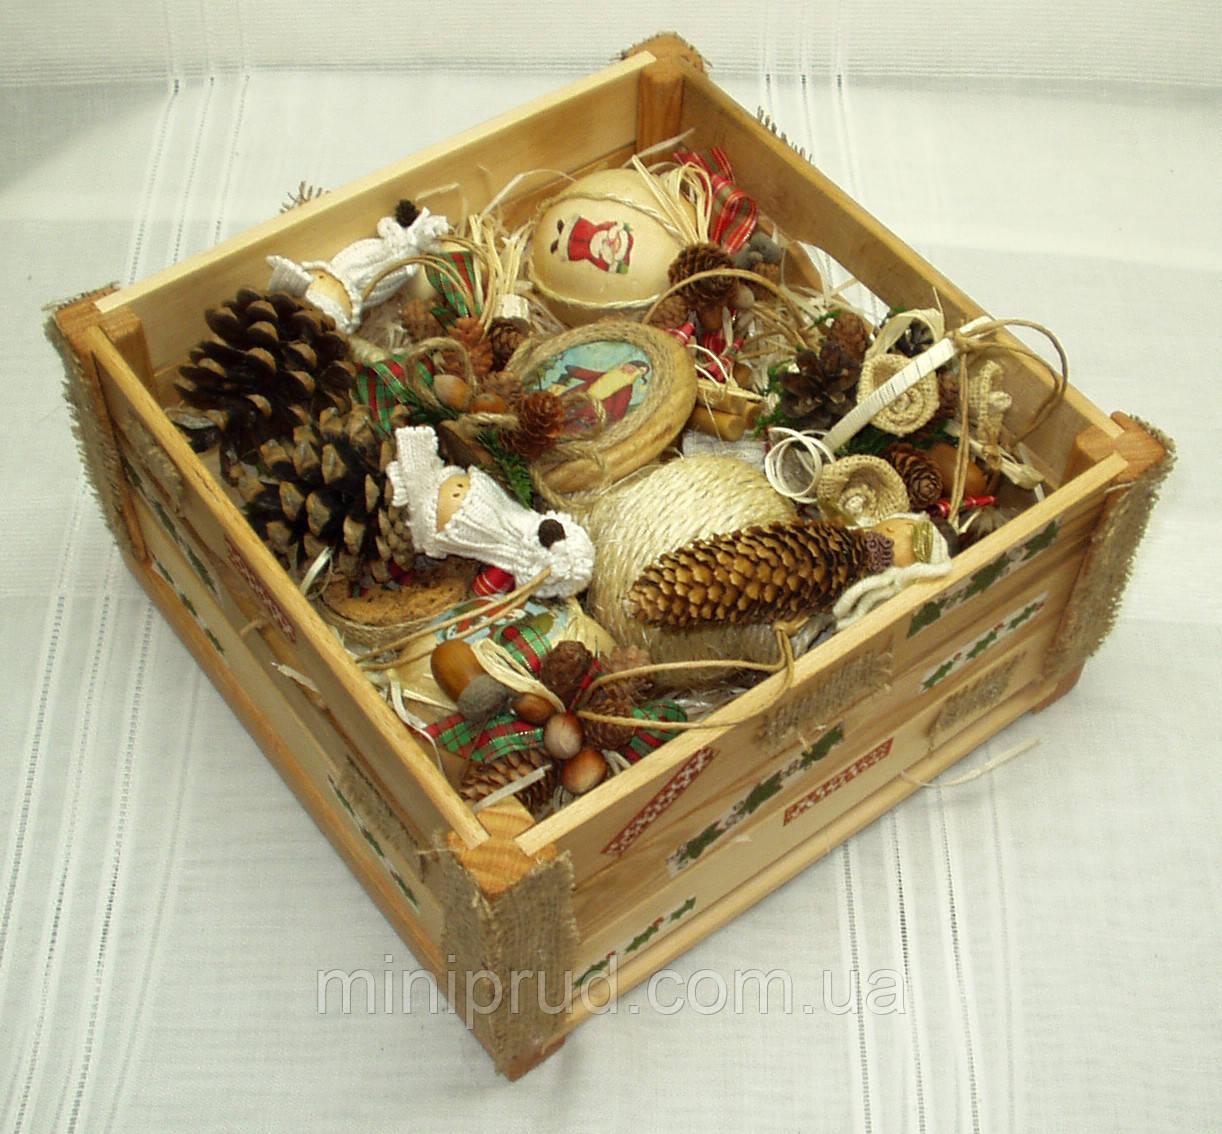 Новогодний набор игрушек «Санта» в Экостиле (15 предметов+ящик)